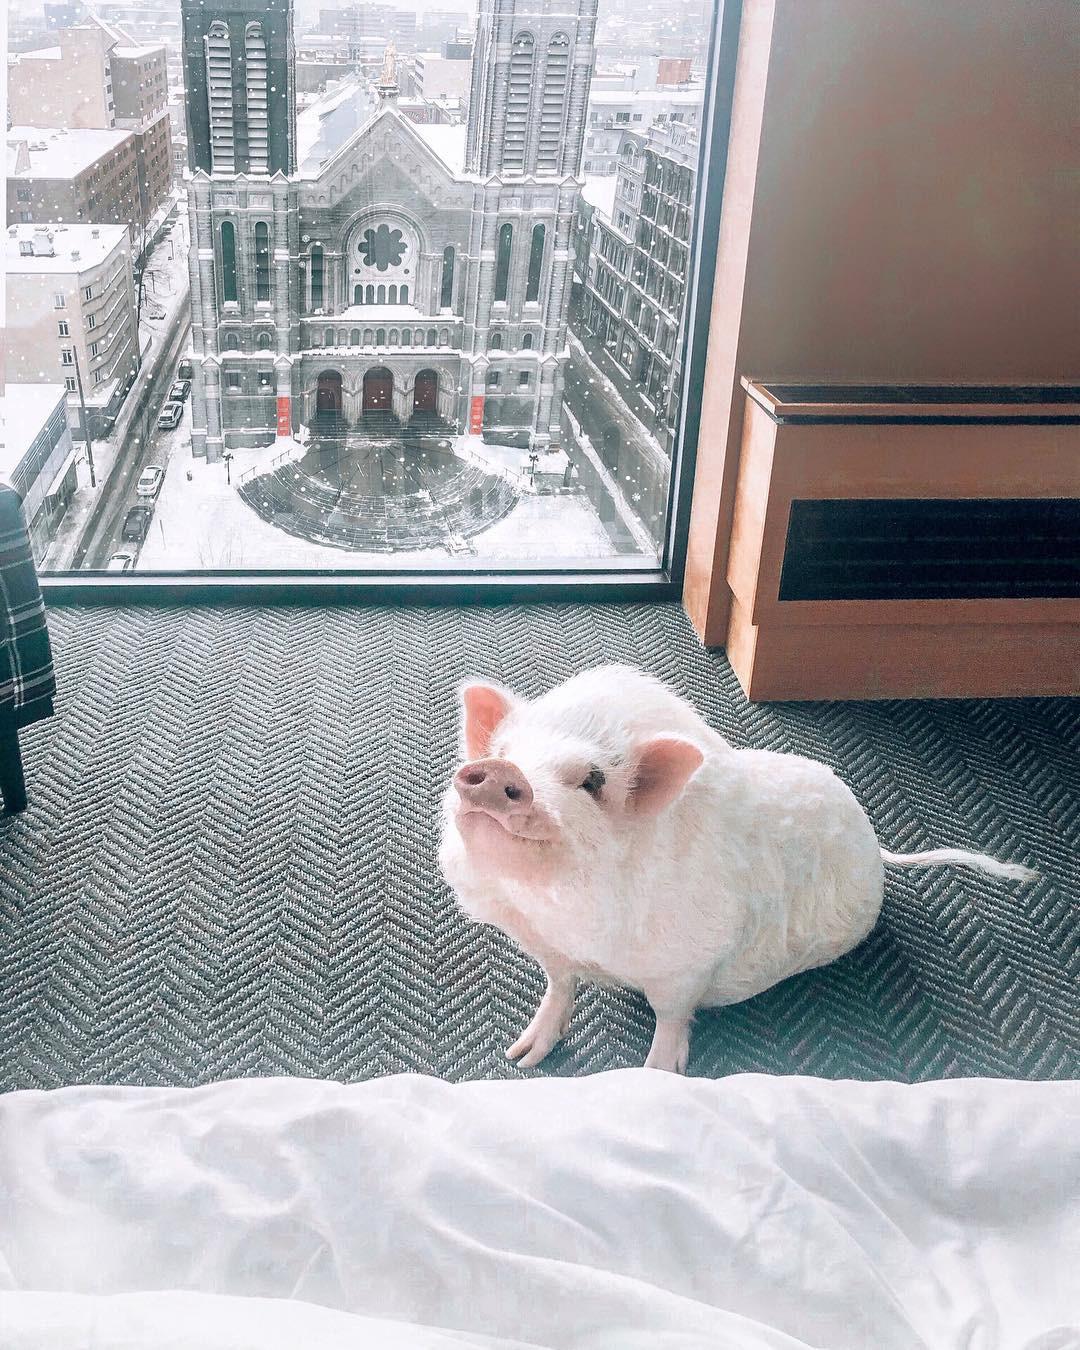 Cảm giác ghen tị là khi bạn phải đi làm vào thứ 2 còn chú lợn này lại được du lịch vòng quanh thế giới - Ảnh 14.